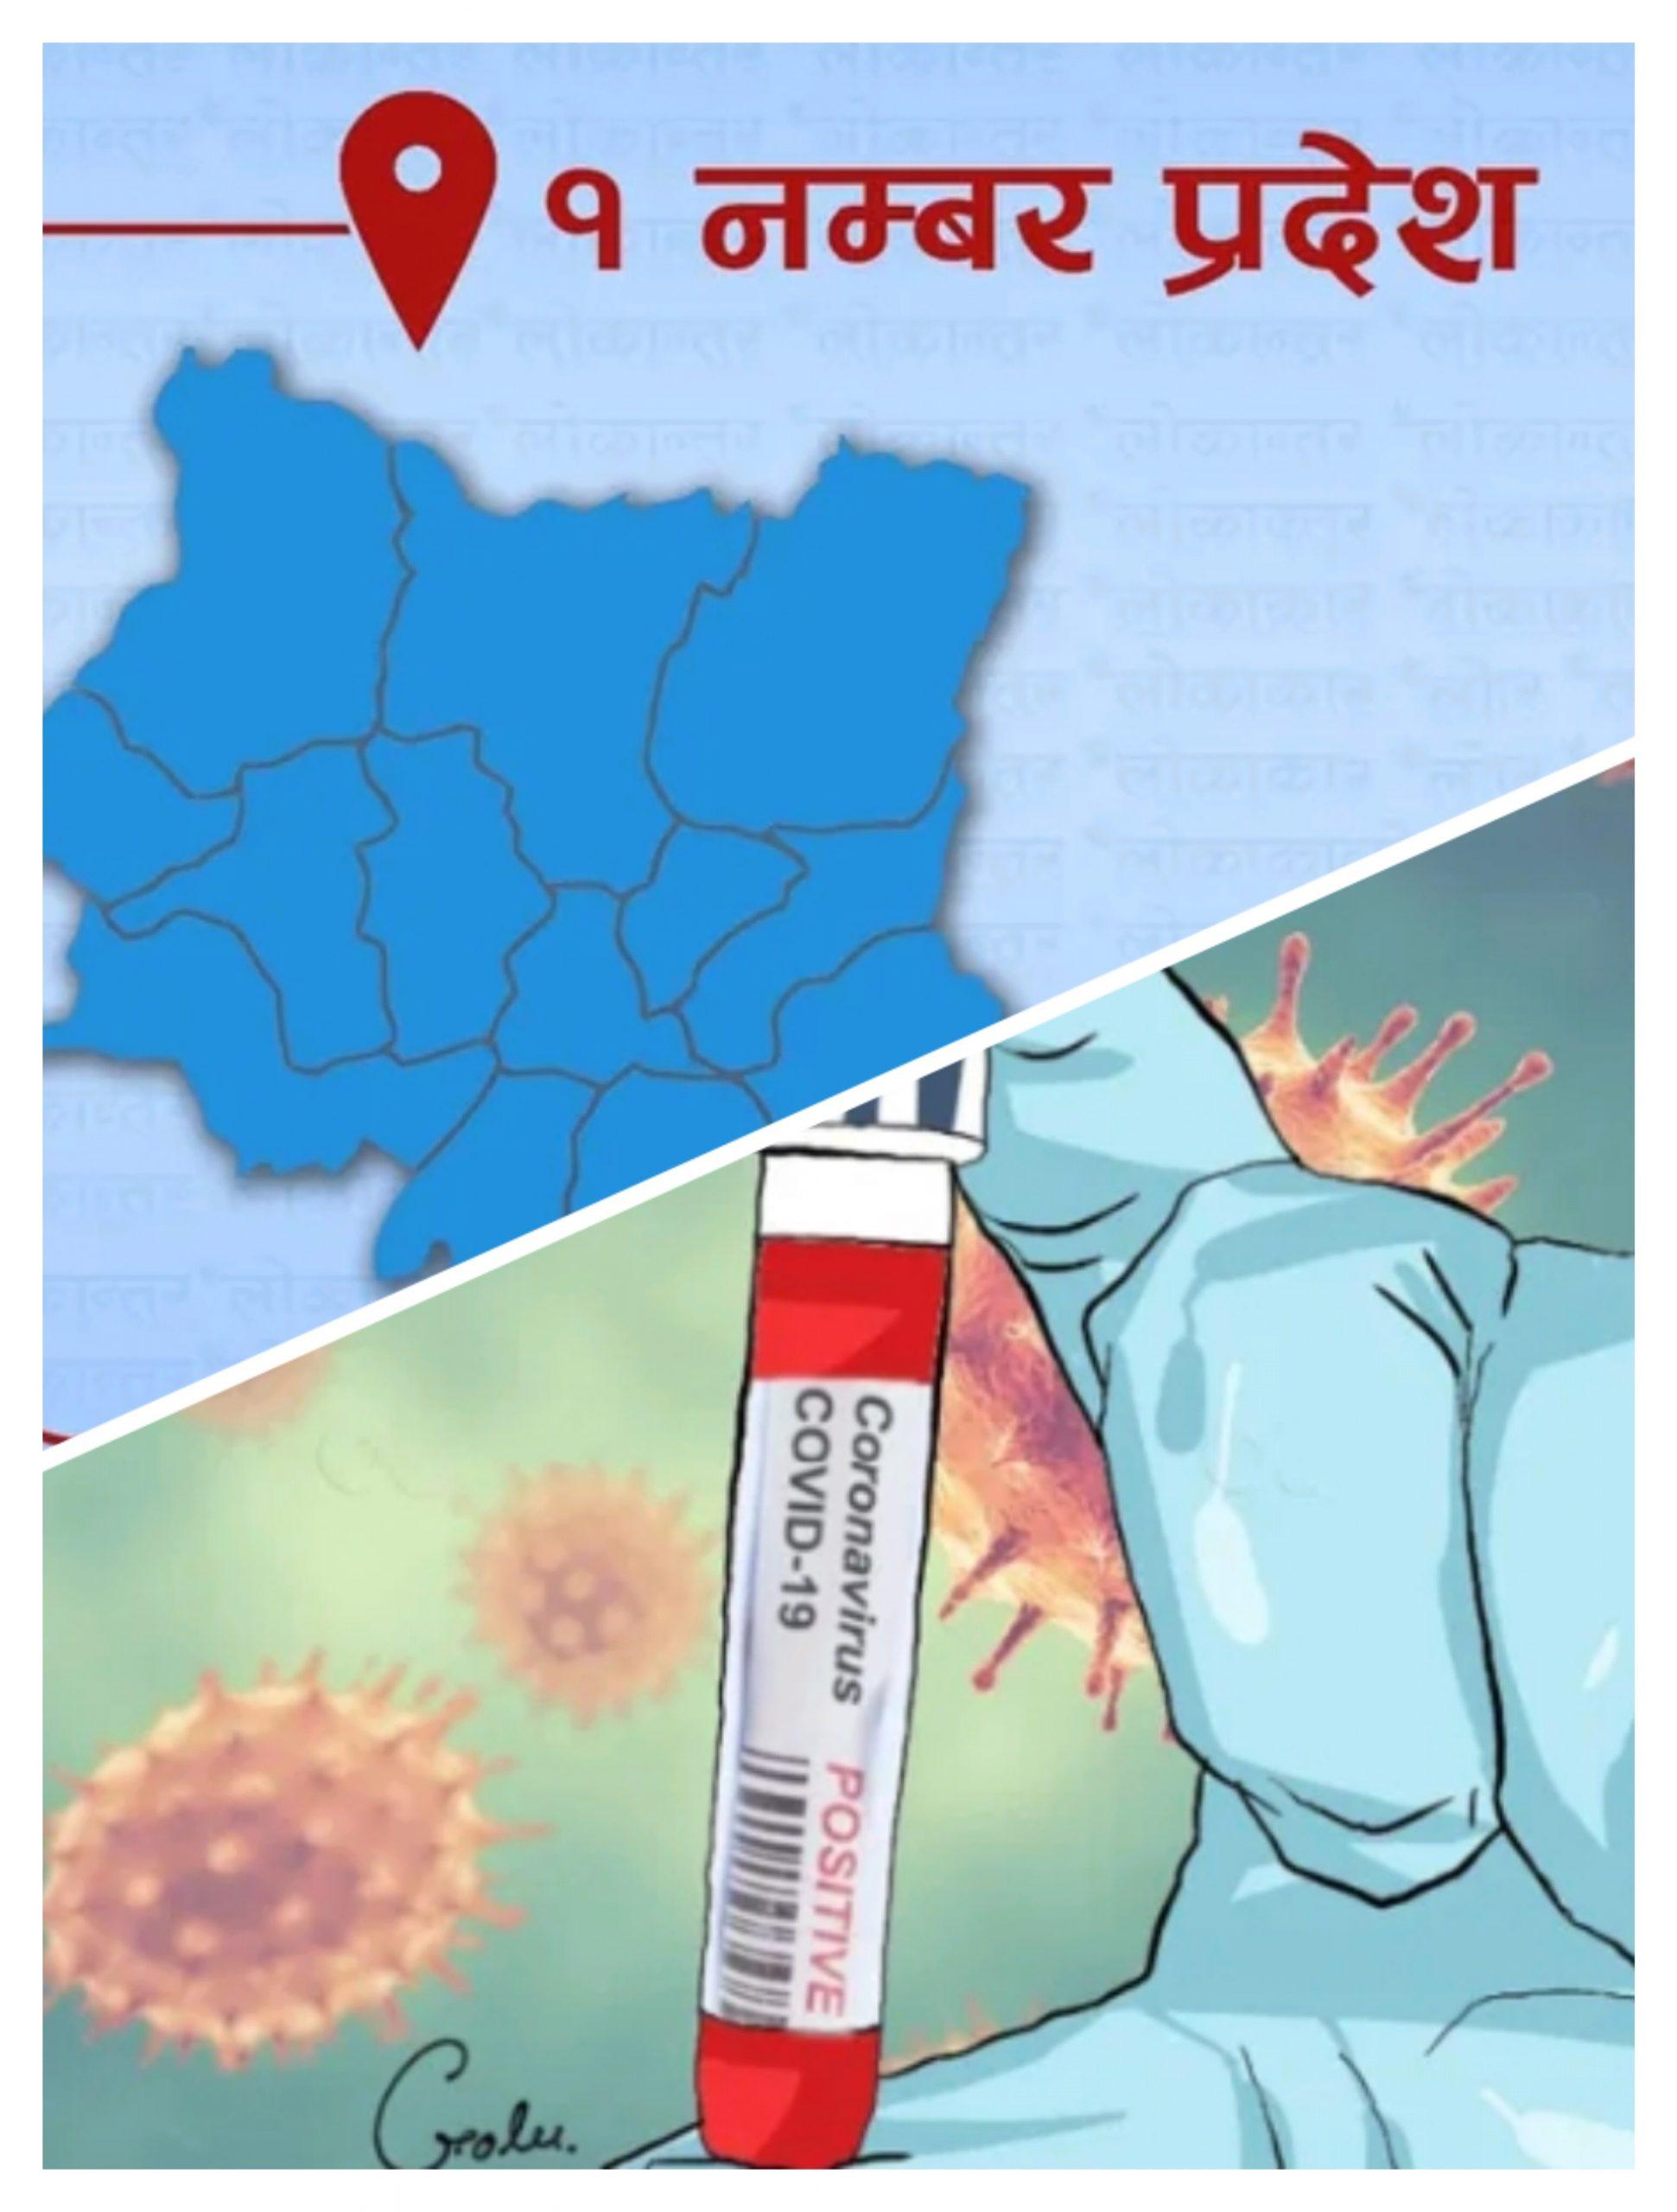 प्रदेश १ मा थपिए ६३५ कोरोना संक्रमीत